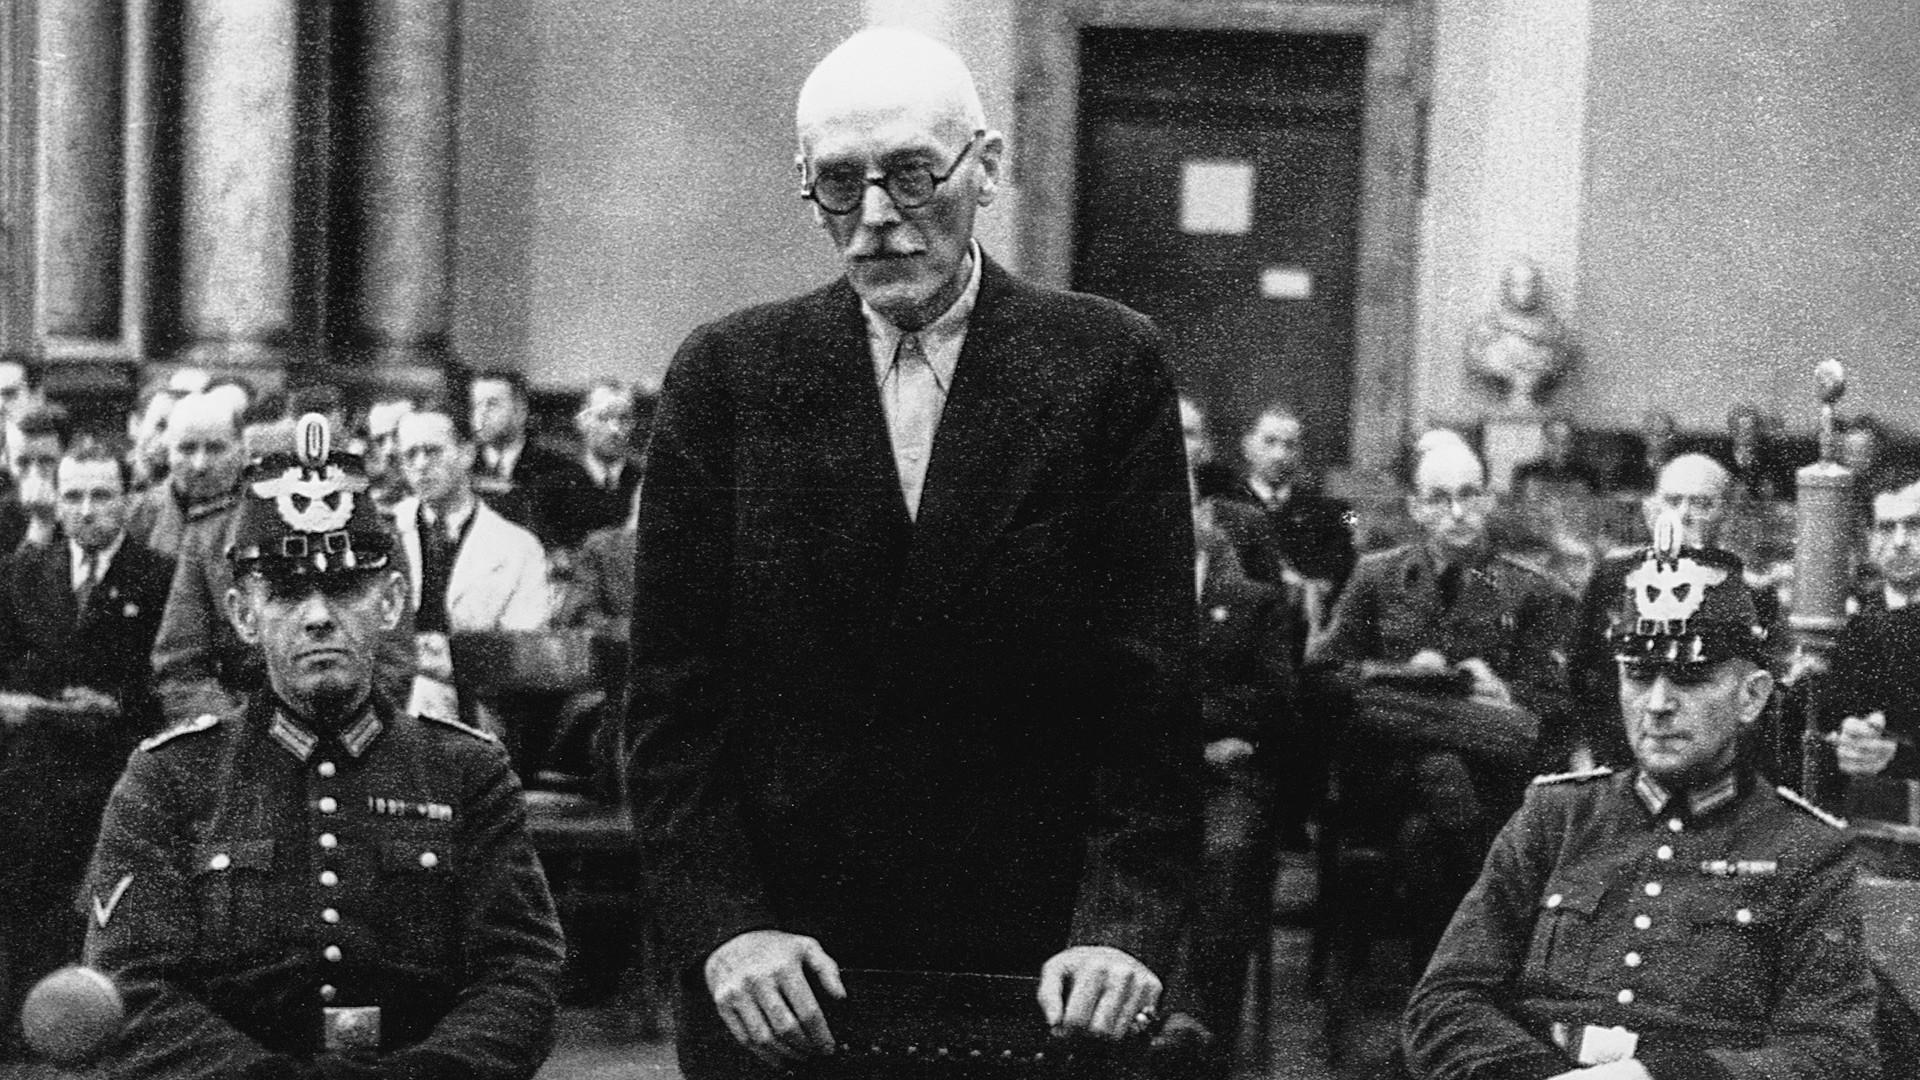 Граф фон дер Шуленбург ждет своей казни в августе. 1944.